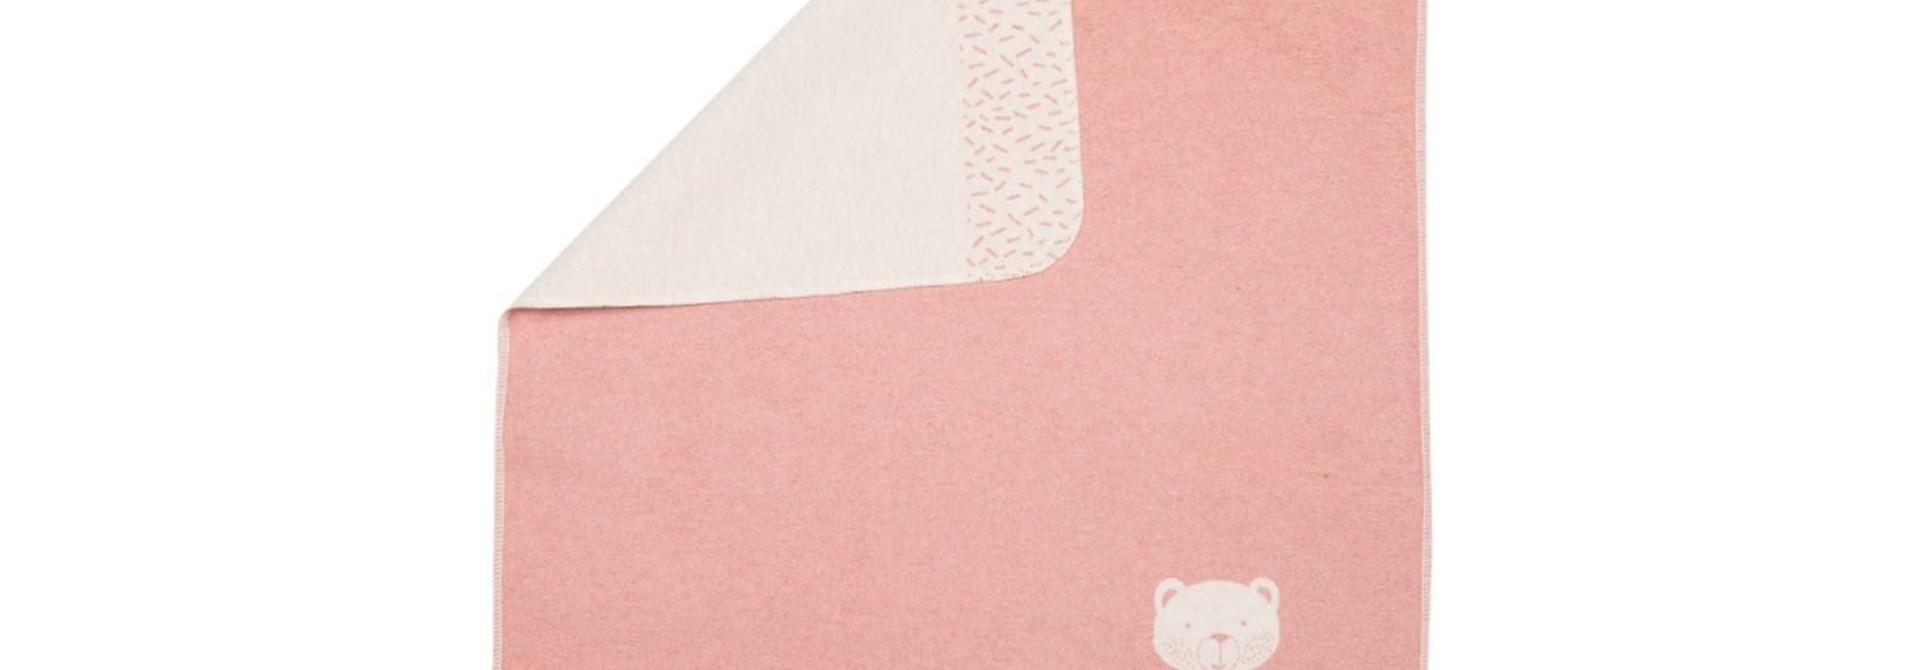 Baby Blanket - Bear in Corner - Rose